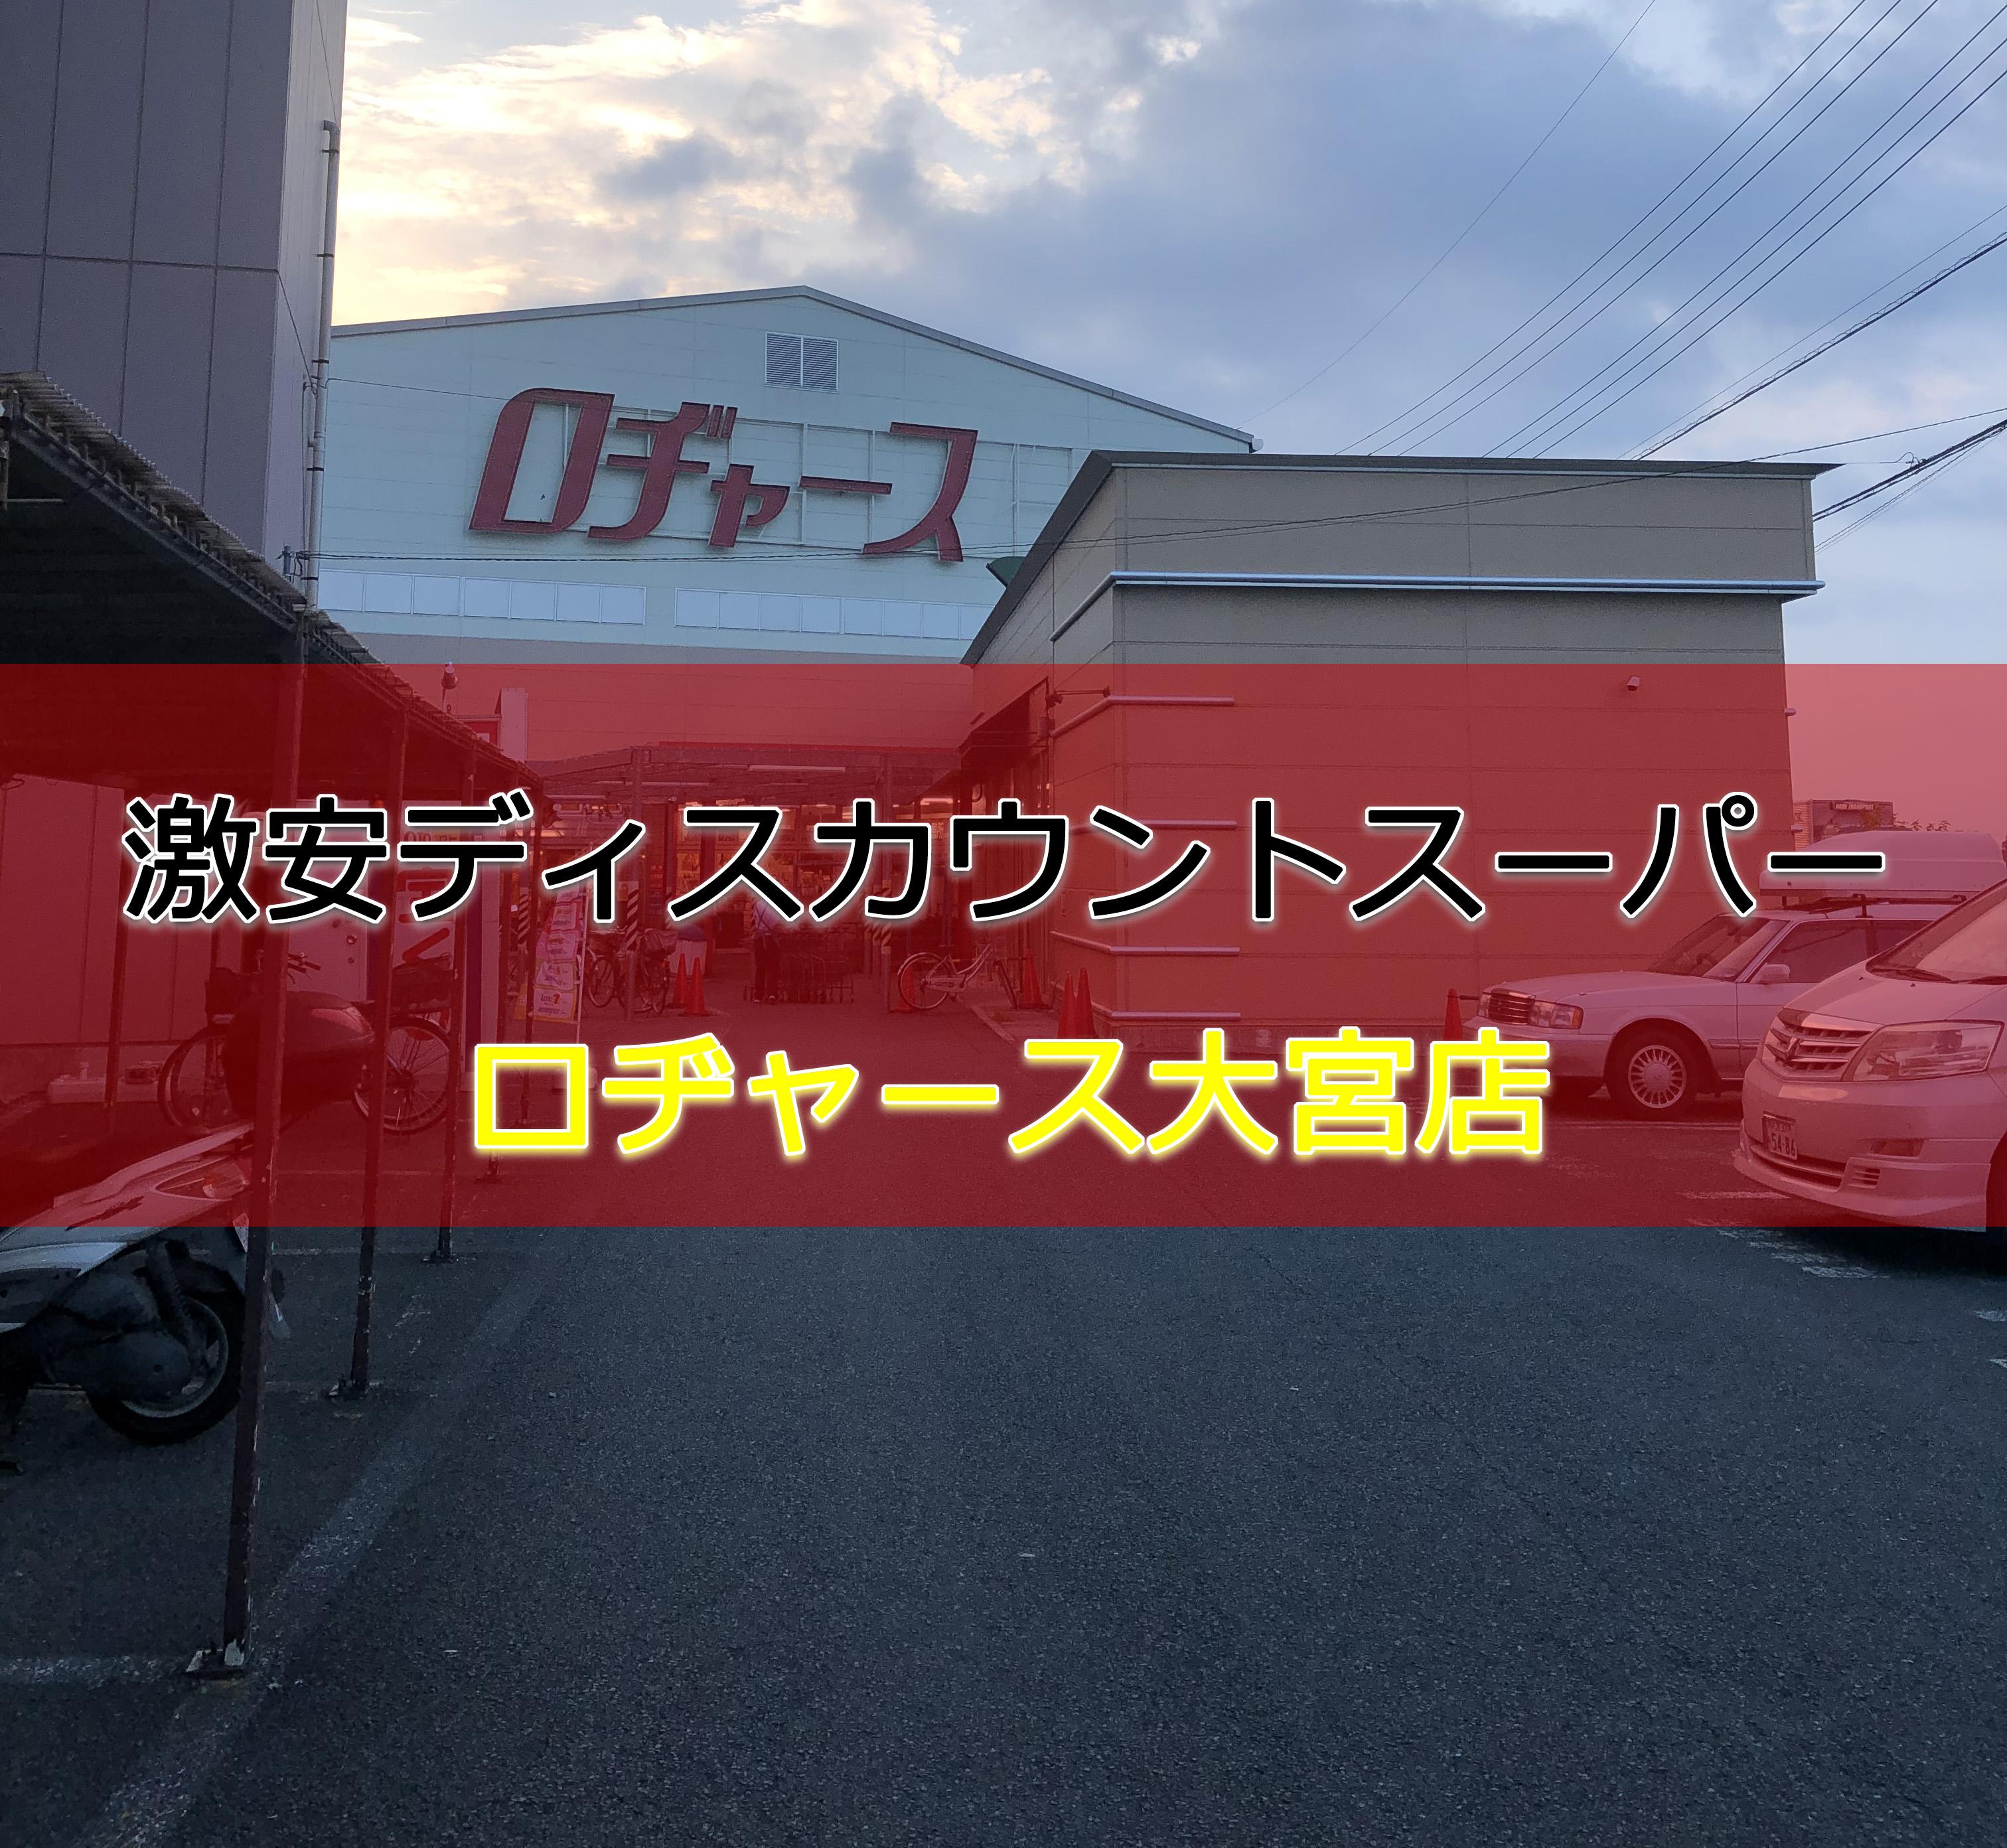 ロヂャース大宮店サムネ画像